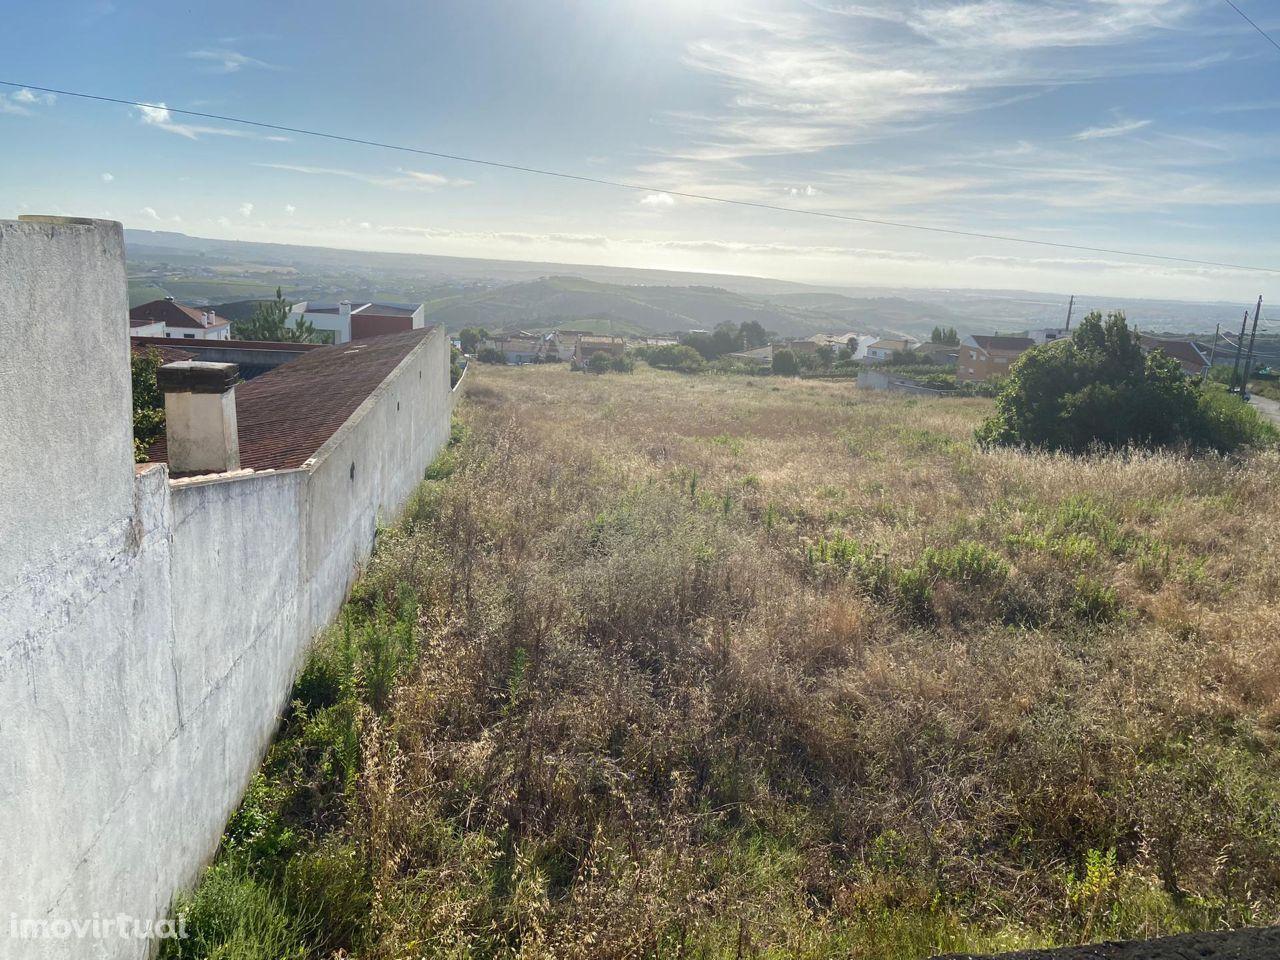 Terreno de 5600 m2 c/ vista desafogada - Torres Vedras (Serra da Vila)